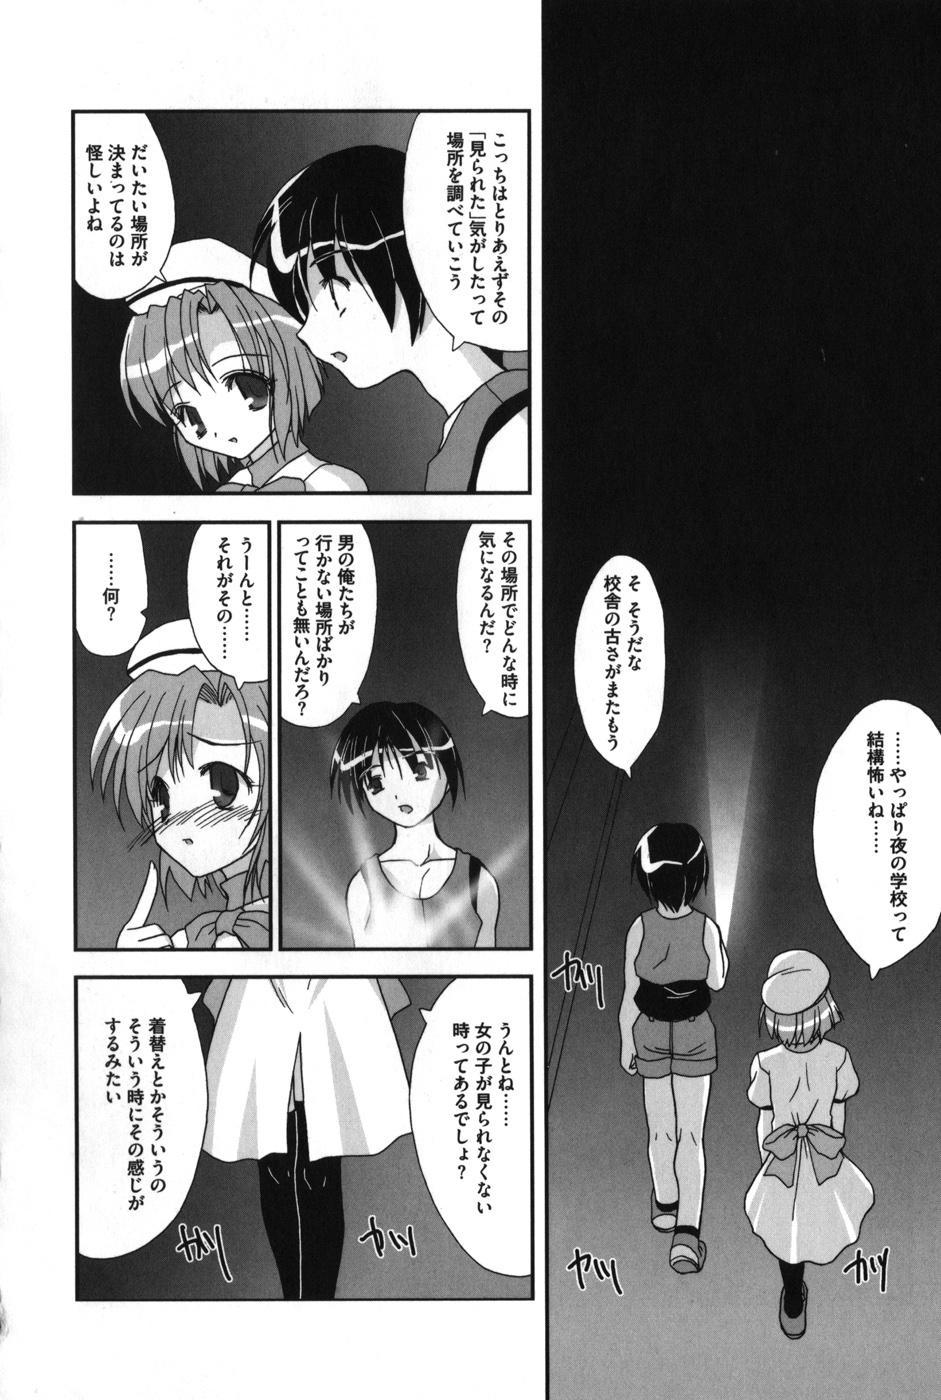 HiguERO no naku koro ni 134